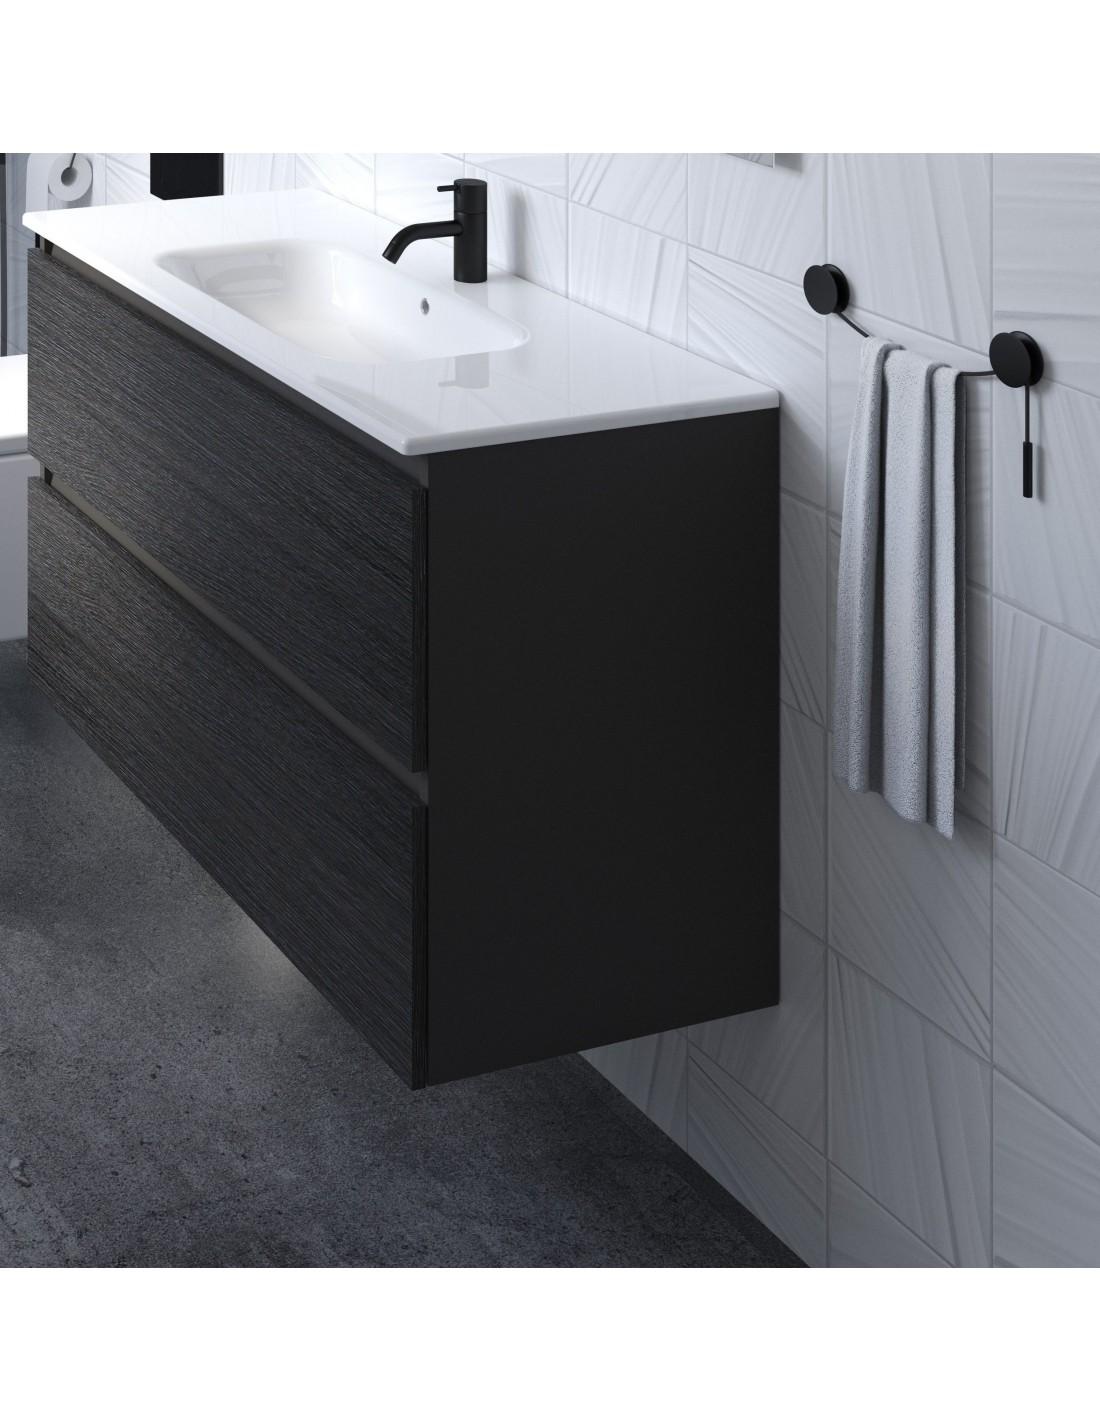 accessoires bain porte serviette chrome par bath. Black Bedroom Furniture Sets. Home Design Ideas